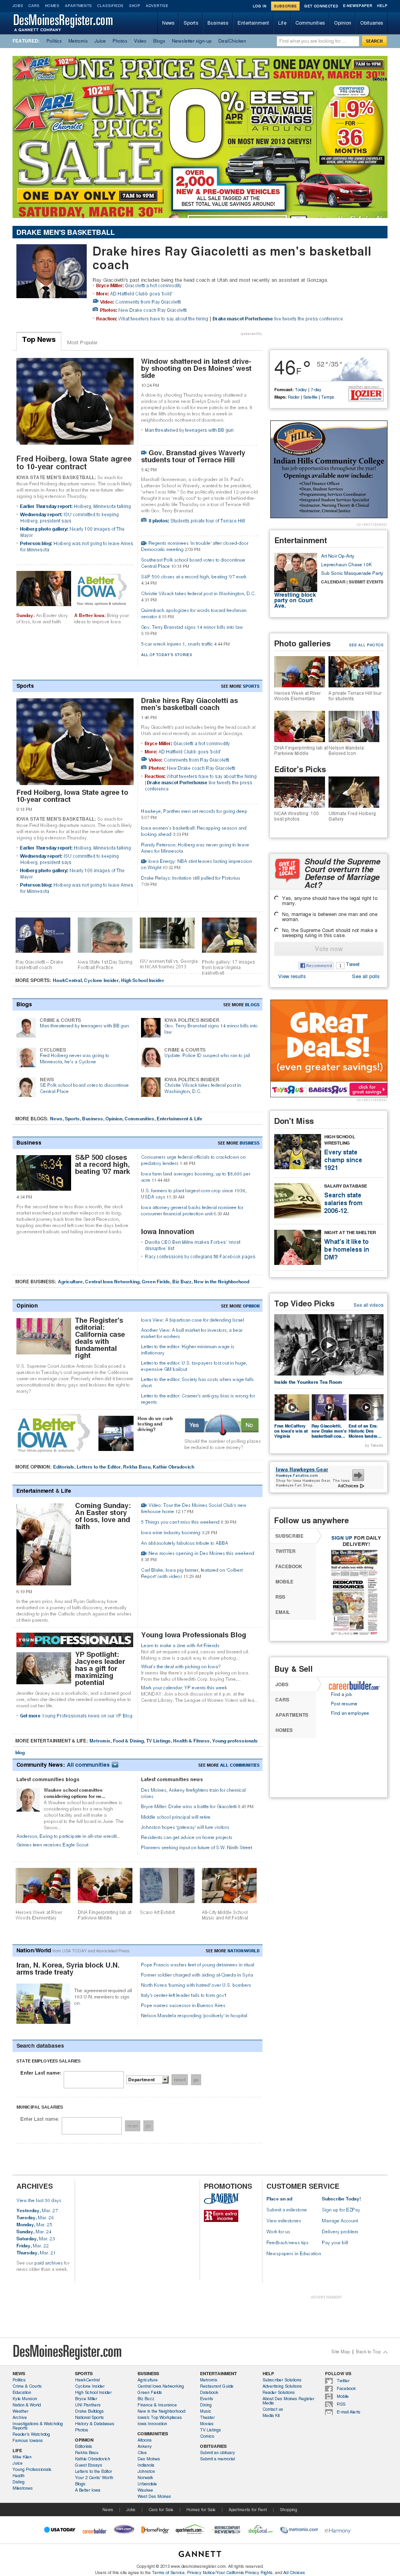 DesMoinesRegister.com at Friday March 29, 2013, 5:05 a.m. UTC